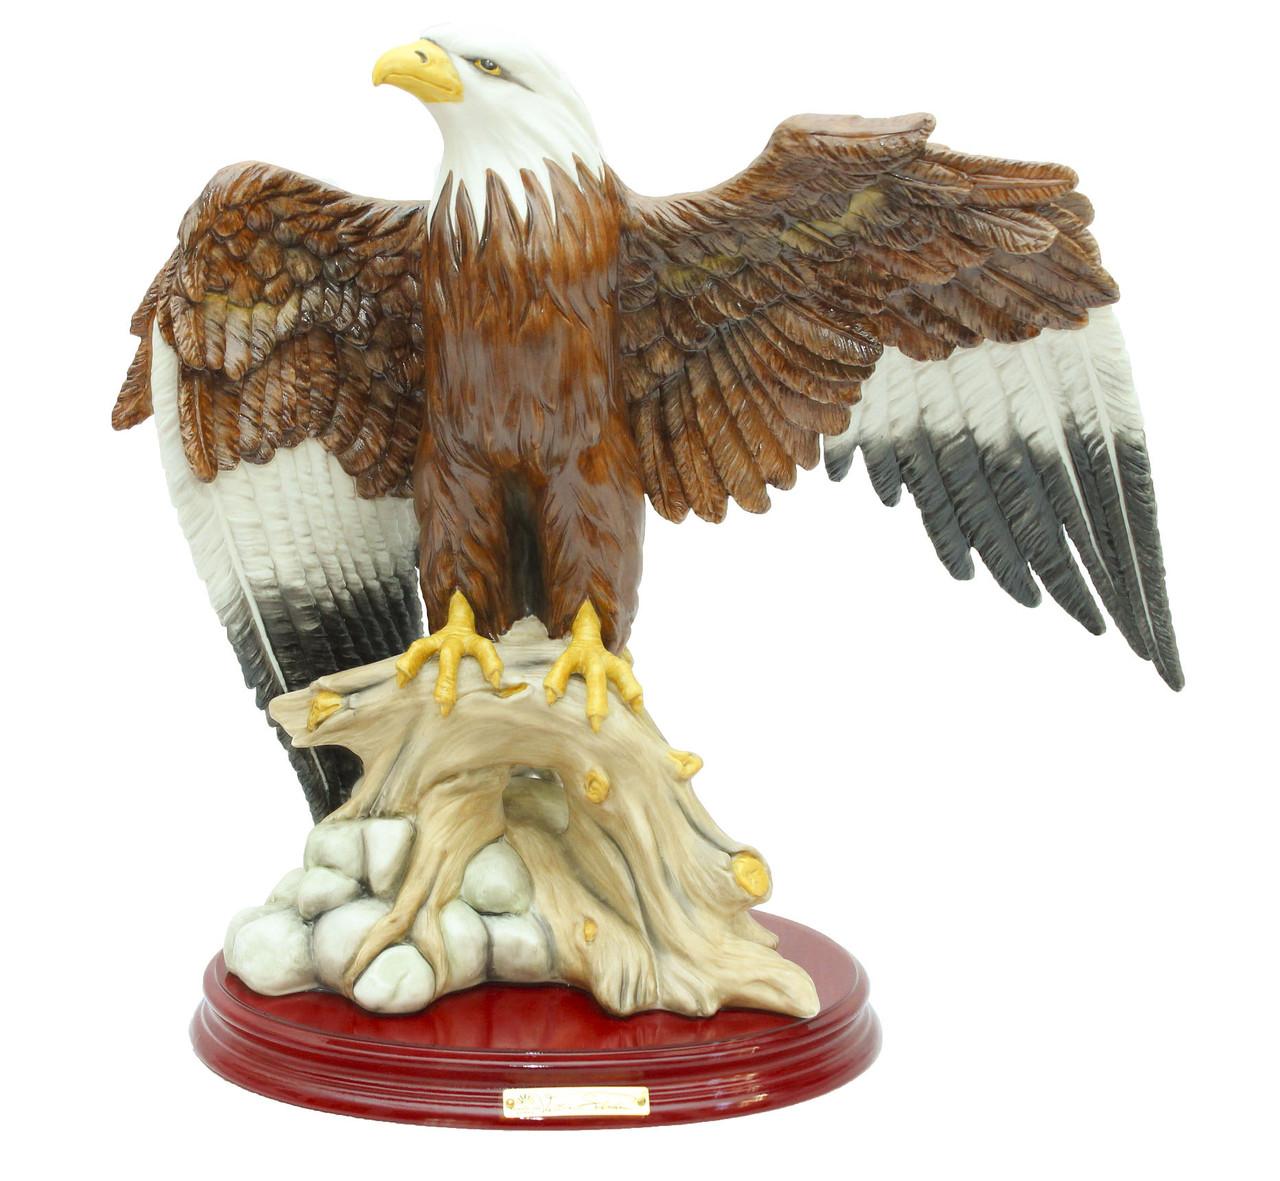 Фарфоровая статуэтка Орел. Италия, ручная работа